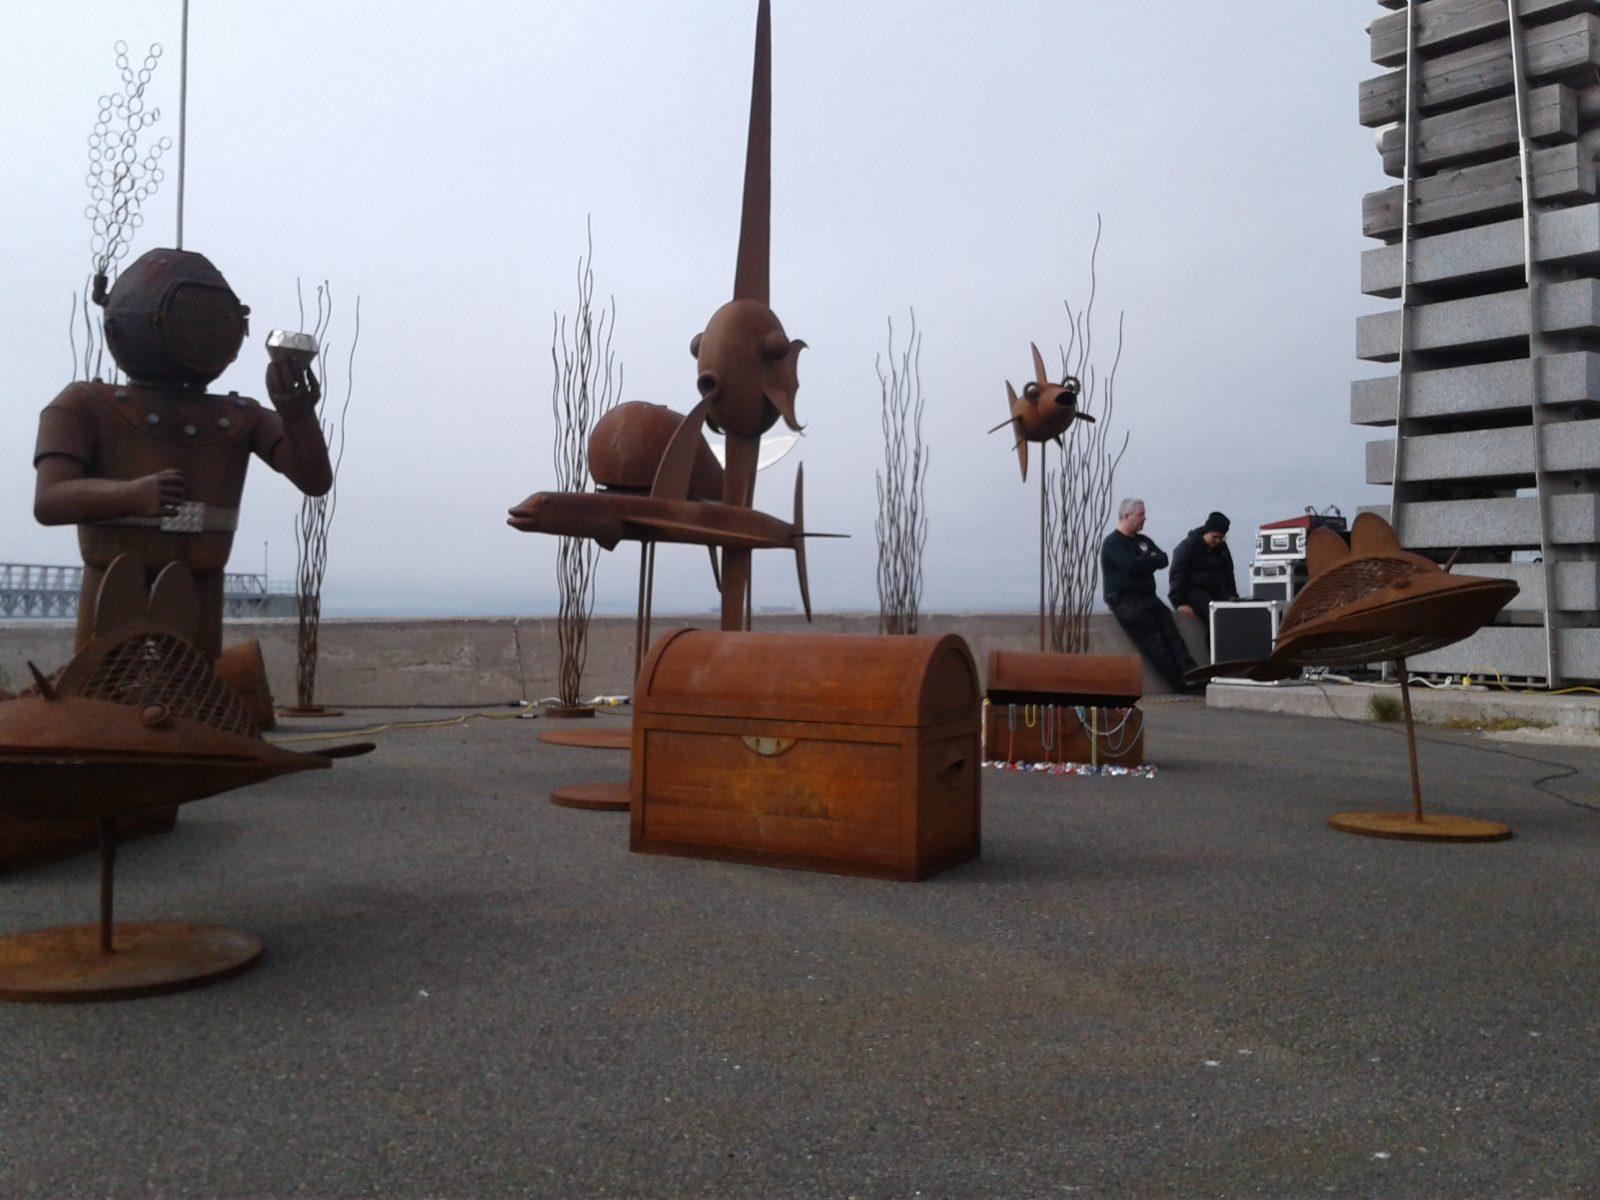 Les sculptures «rouillées» du parc Ferland seront exposées aux voyageurs internationaux